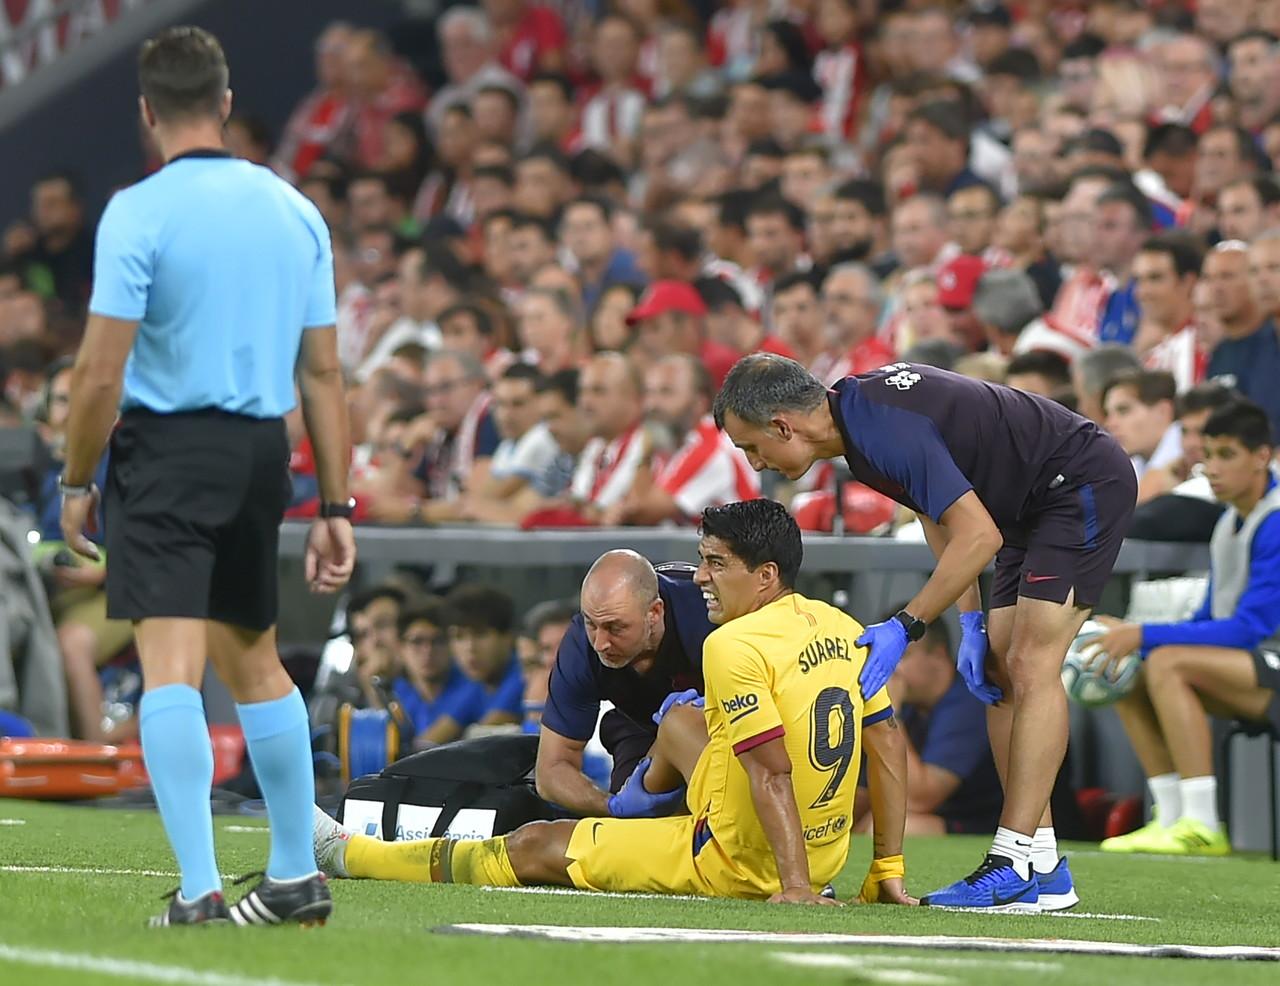 Luis Suarez, attaccante del Barcellona: infortunio al polpaccio, rientro incerto